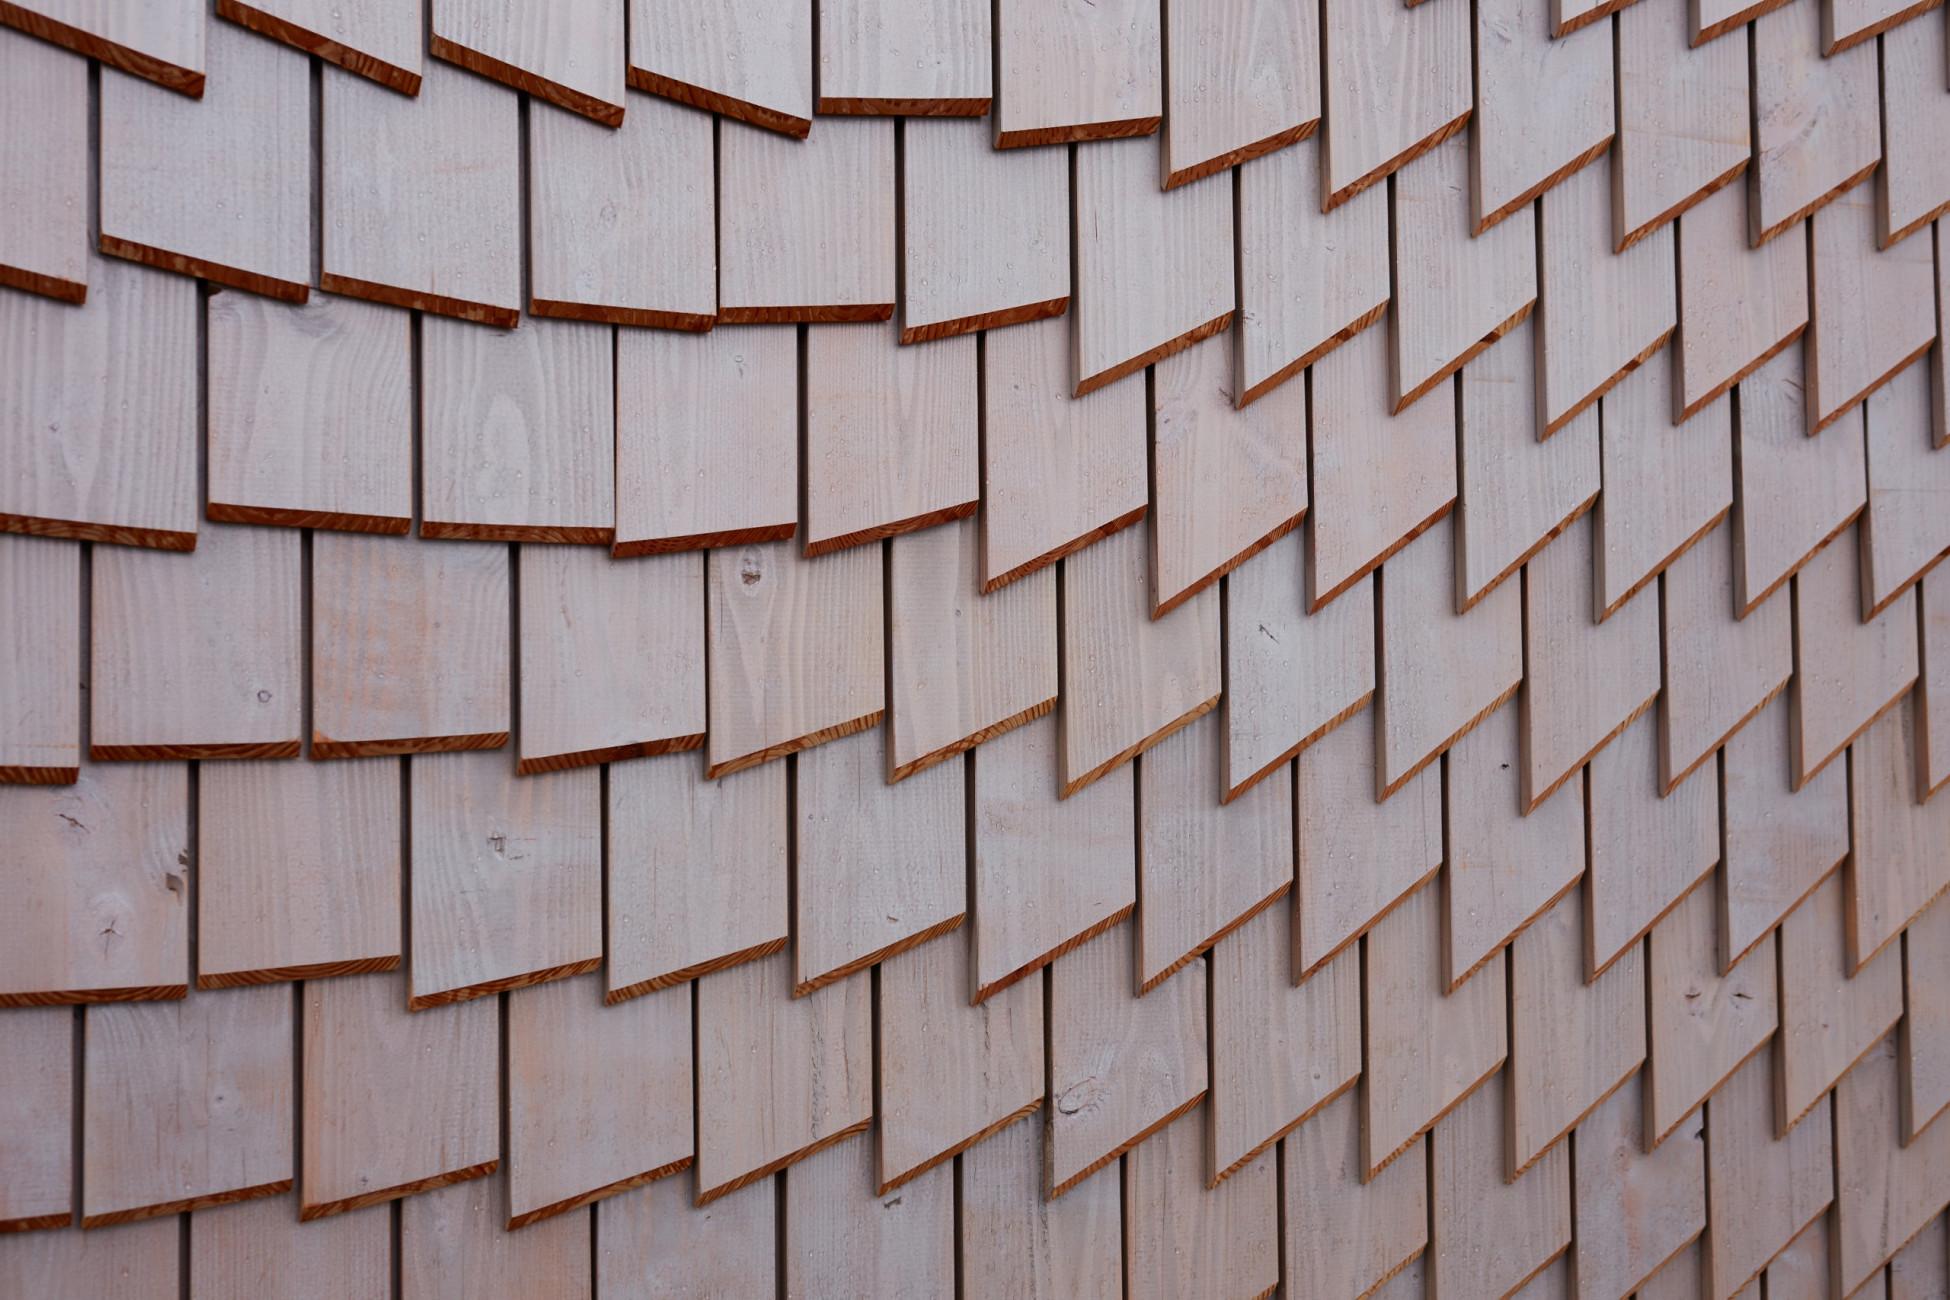 Geradlinige Parametrische Fassade aus Holz; Schindelfassade